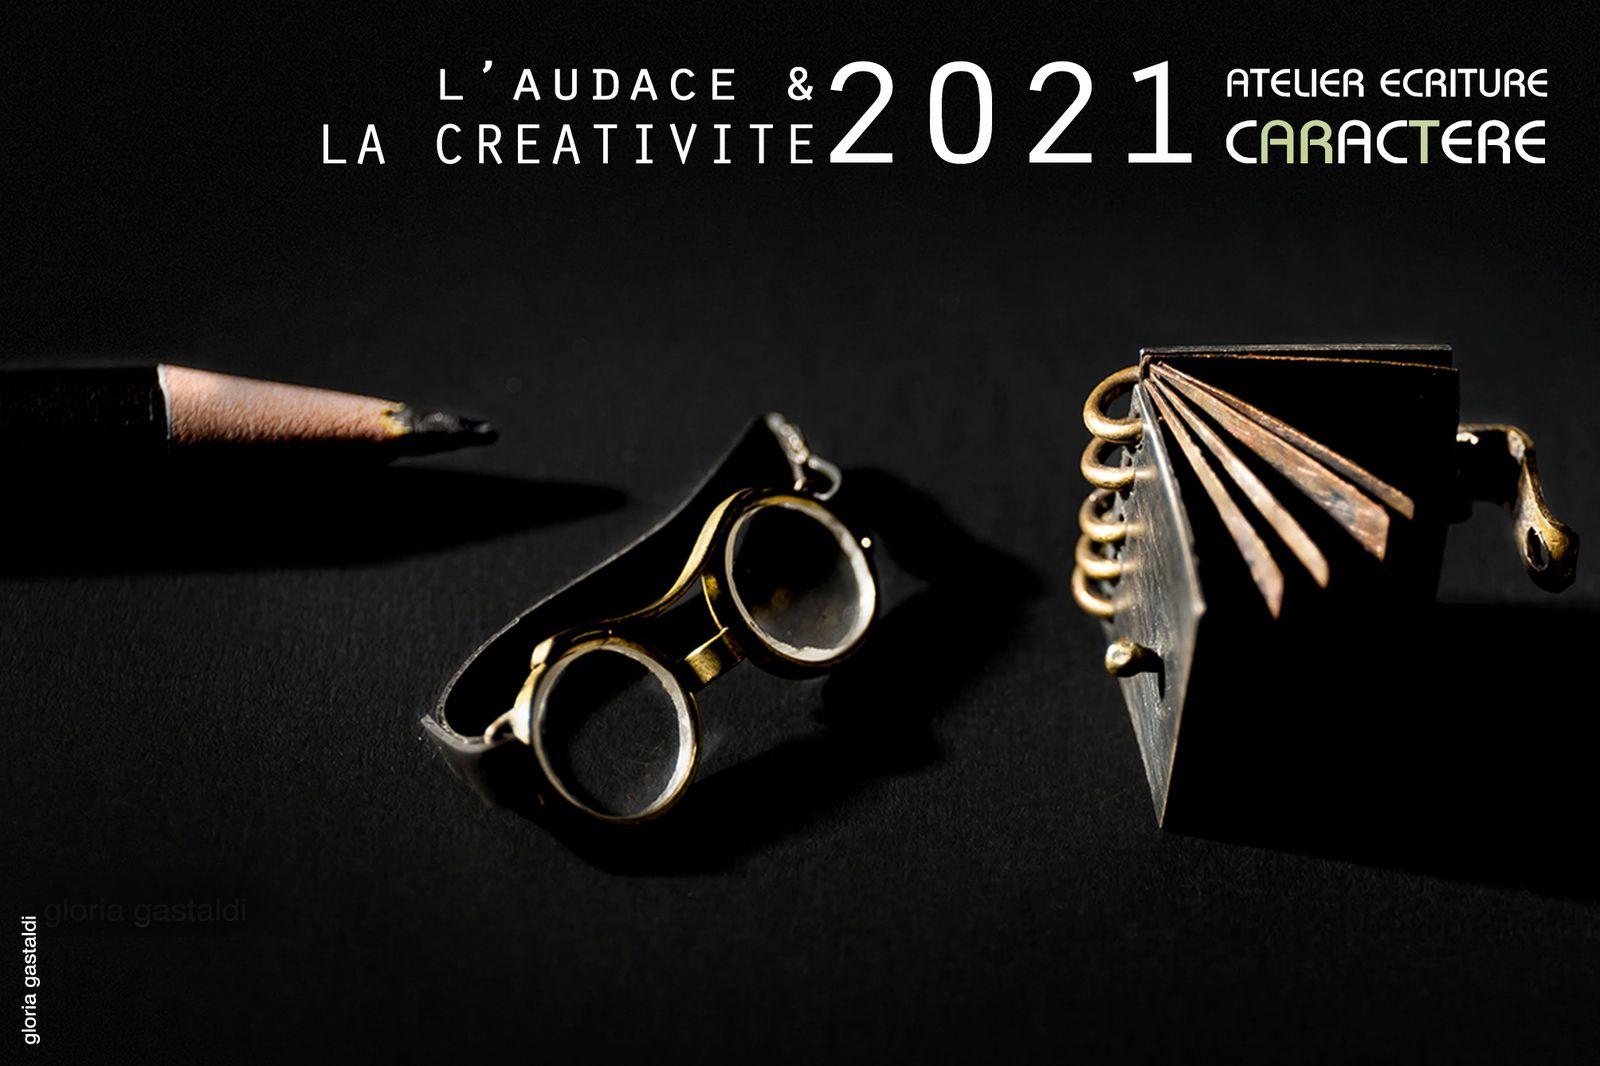 CREATIVITE & AUDACE POUR 2021, RENDEZ-VOUS ATELIERS JANVIER